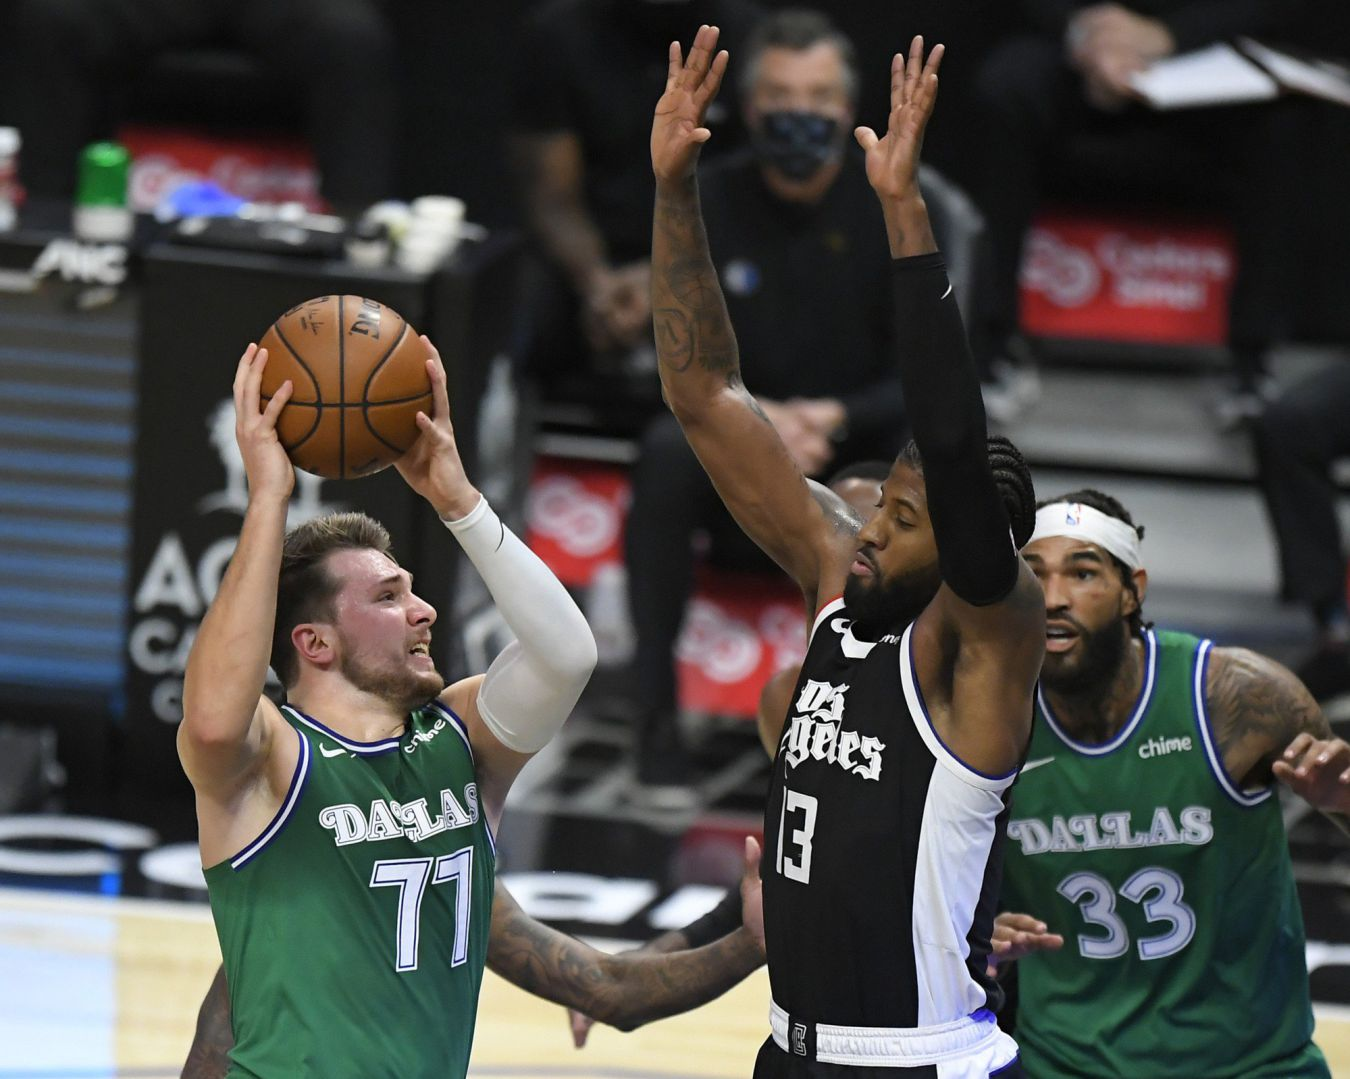 Los Mavericks, que ganaron con ventaja de 51 puntos ante los Clippers (124-73), se llevaron la ventaja en la primera mitad por 50 unidades, la más amplia en la historia de la NBA.